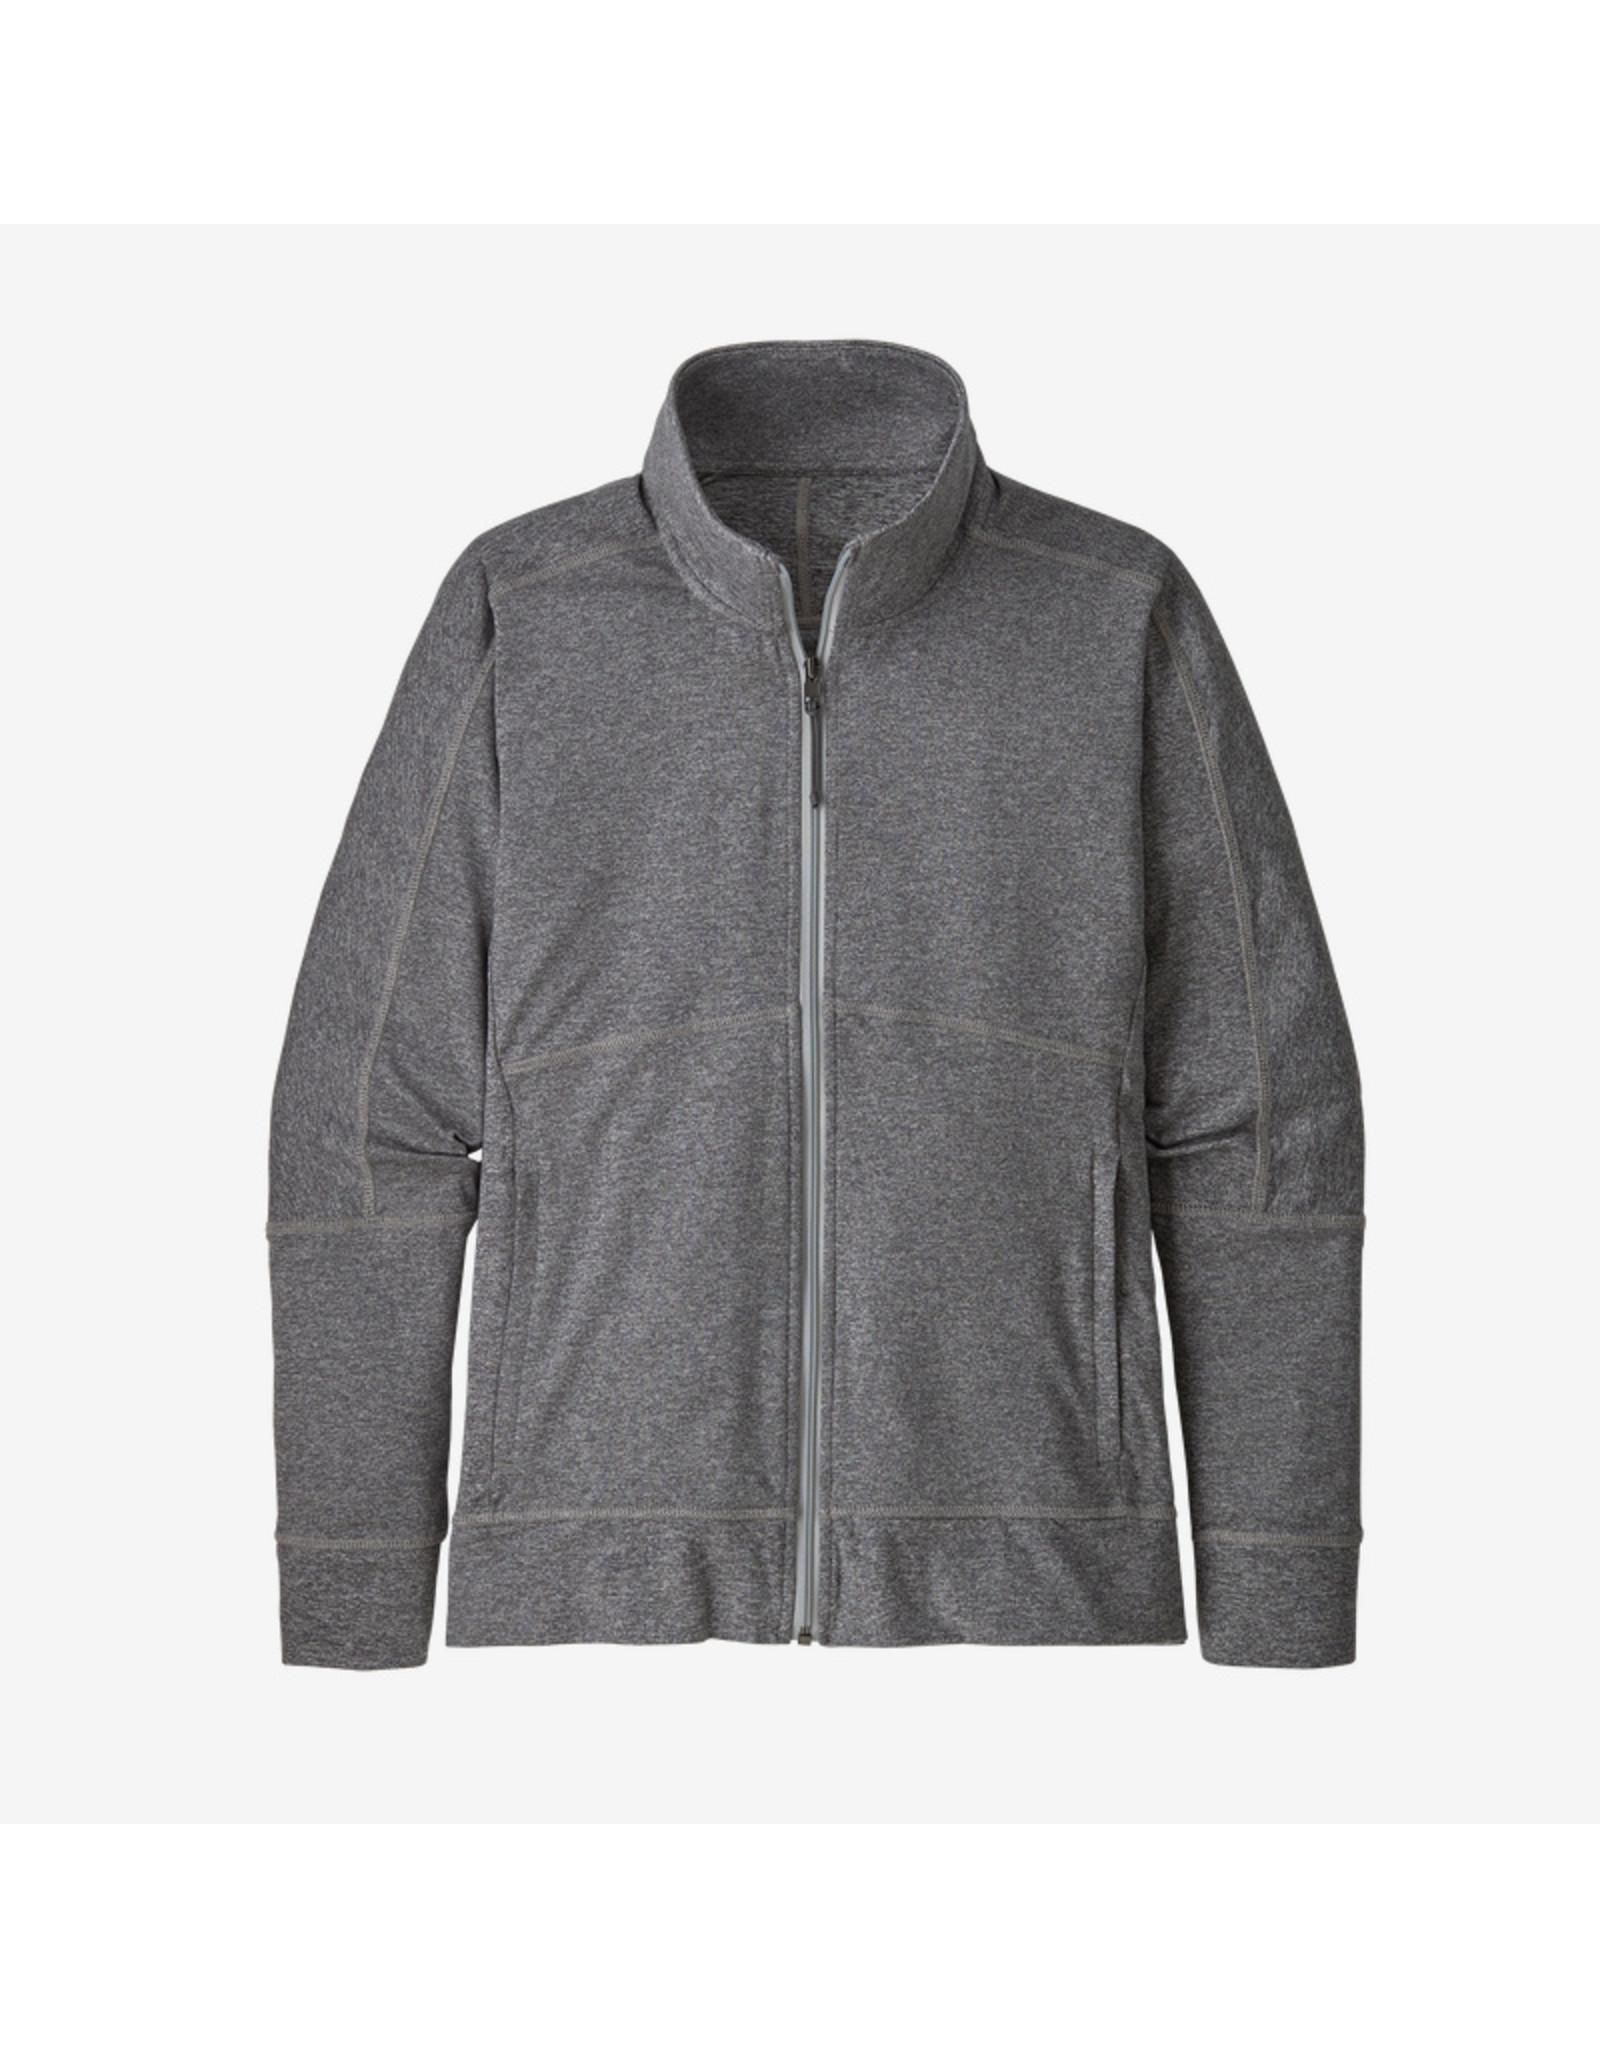 Patagonia Patagonia - Women's Seabrook Jacket